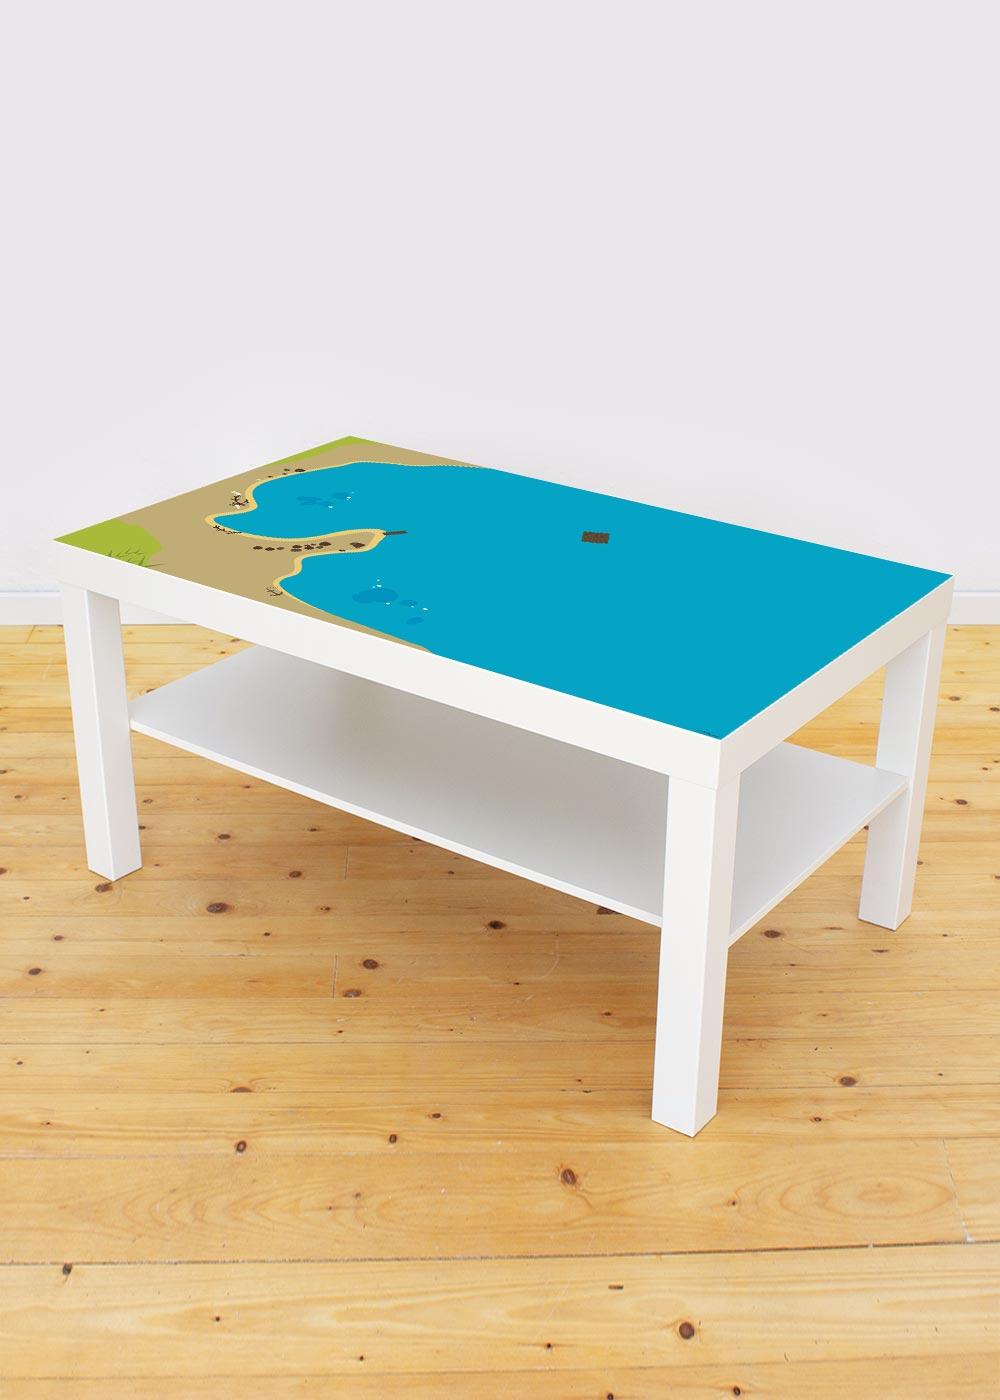 Ikea Lack Couchtisch Wasserreich 78x118 Komplettansicht